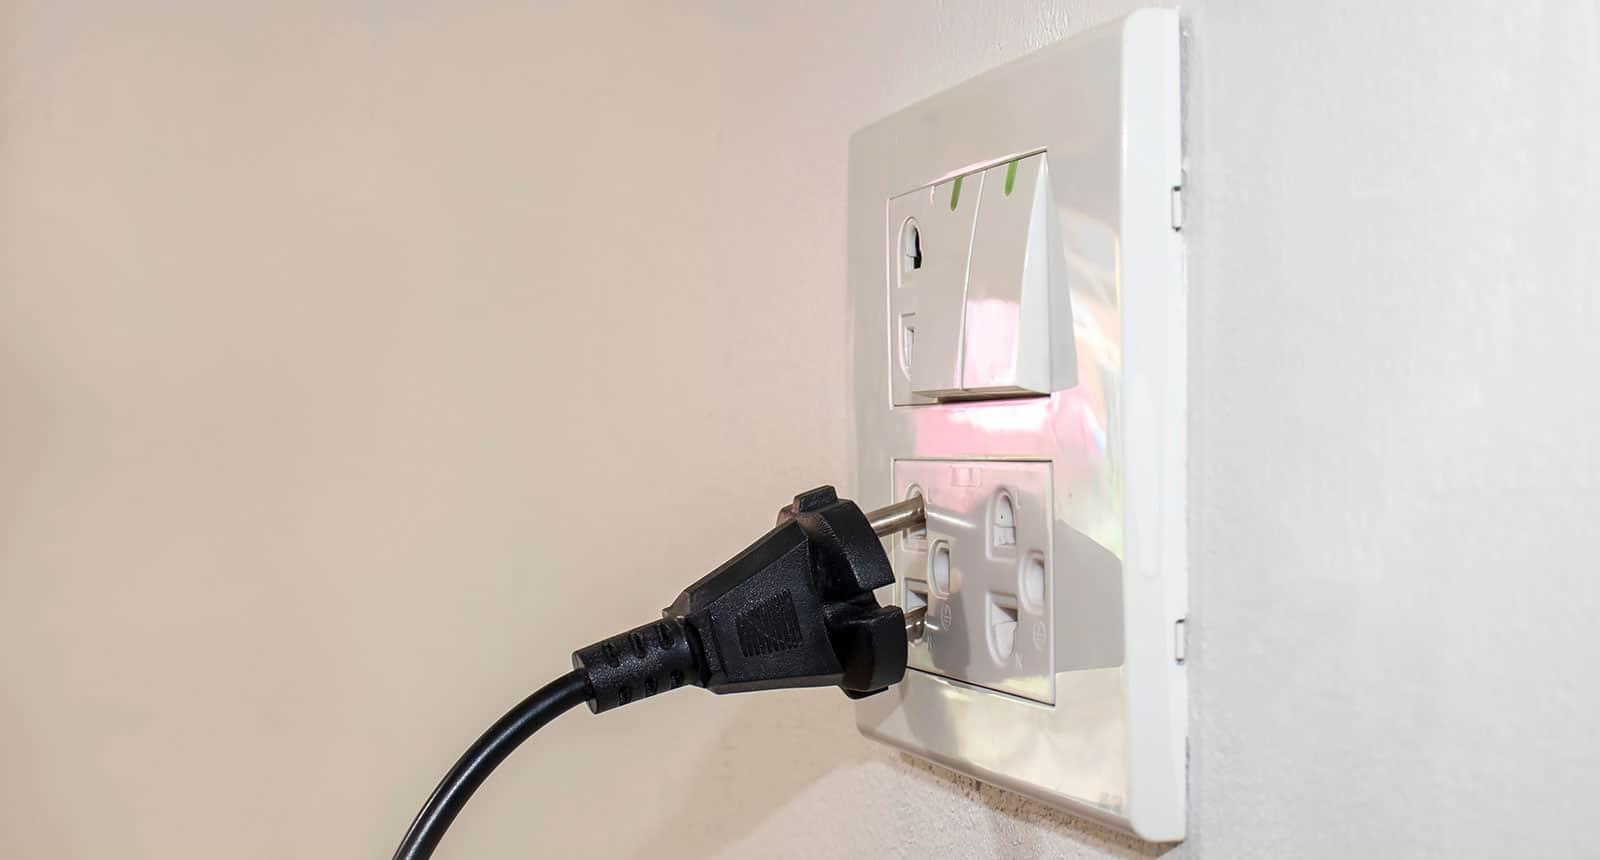 Unplug the